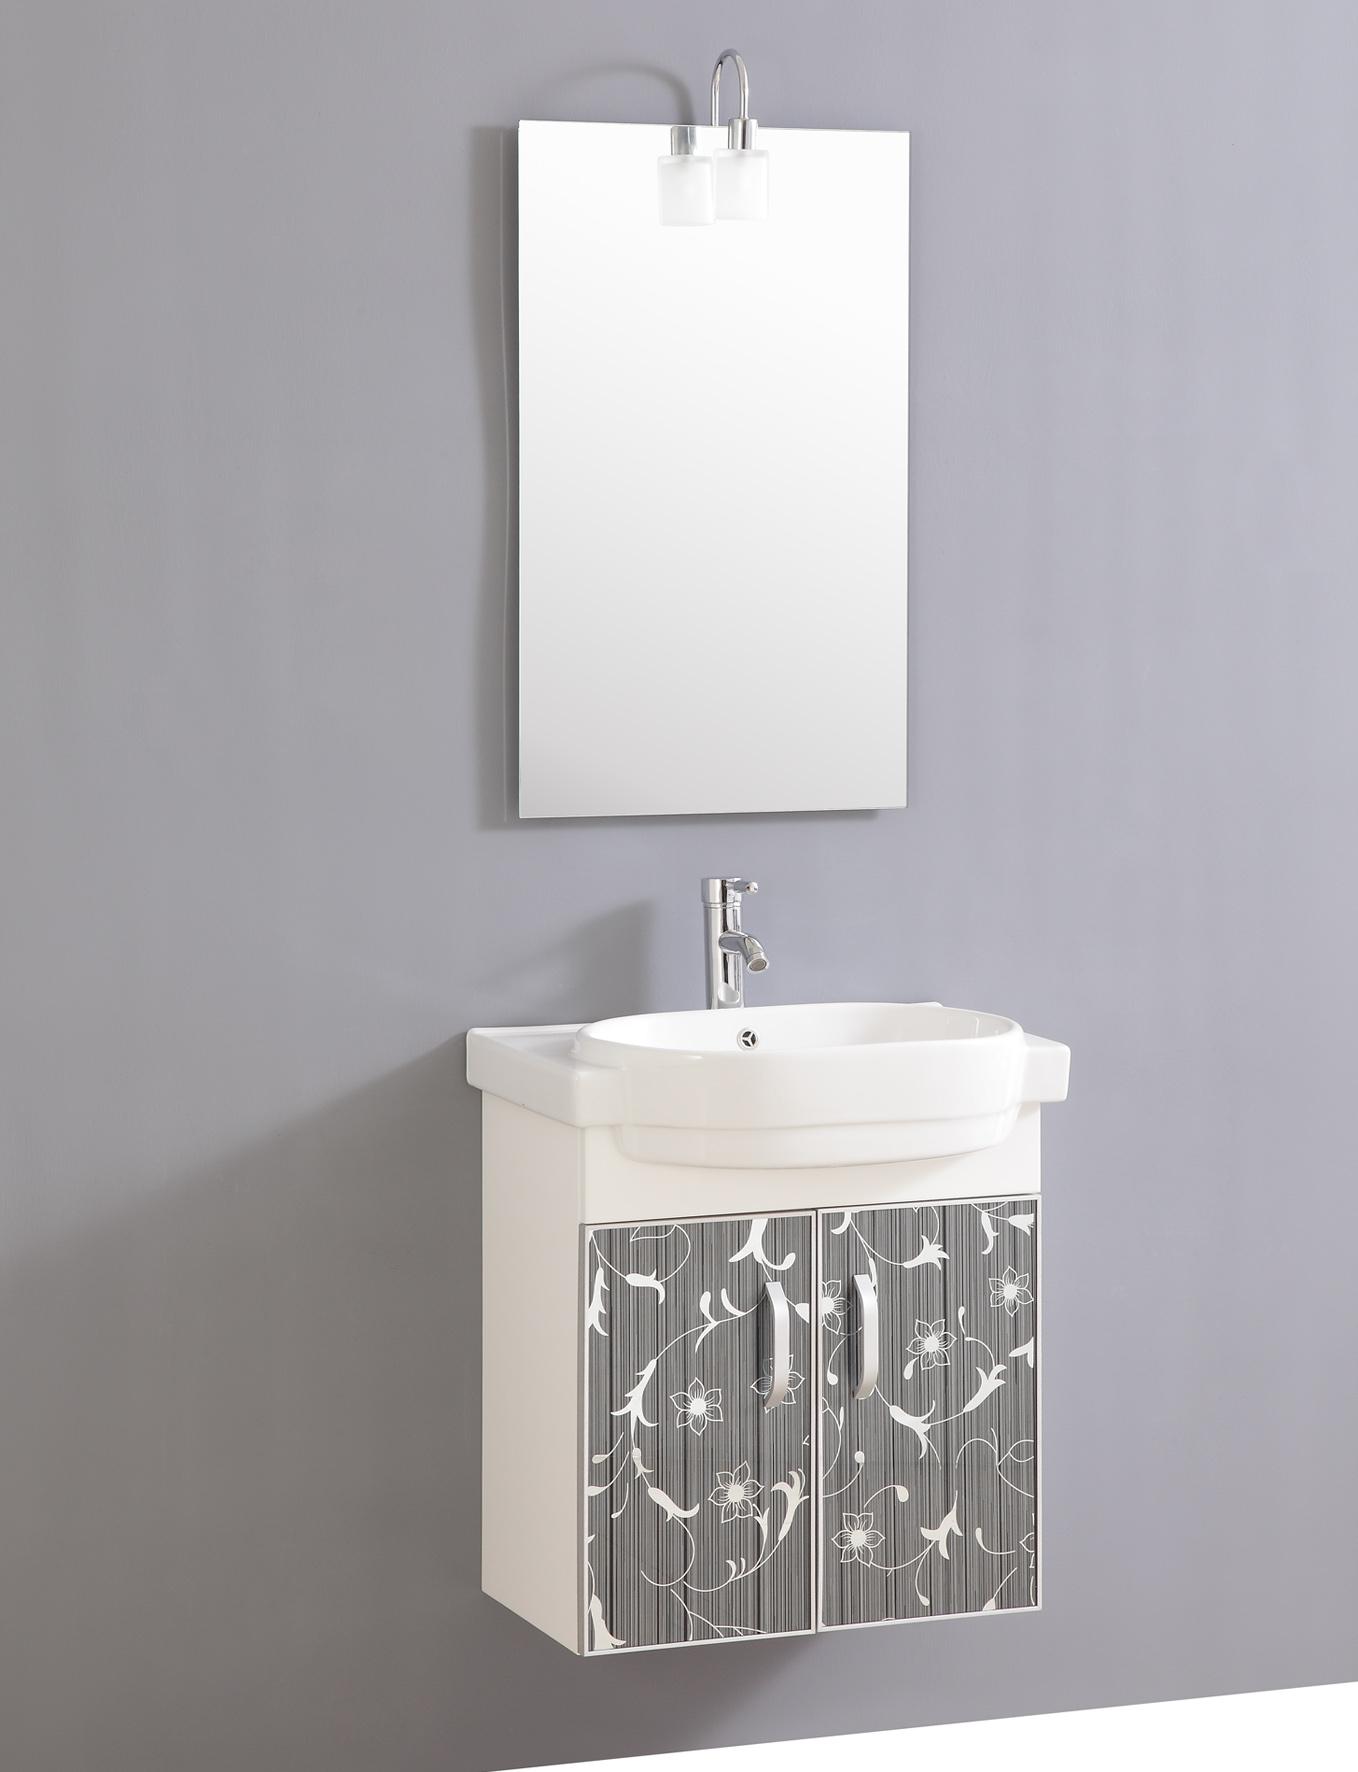 Design Waschtisch Gaste Wc Mit Armatur Spiegel Und Beleuchtung Sofort Ebay